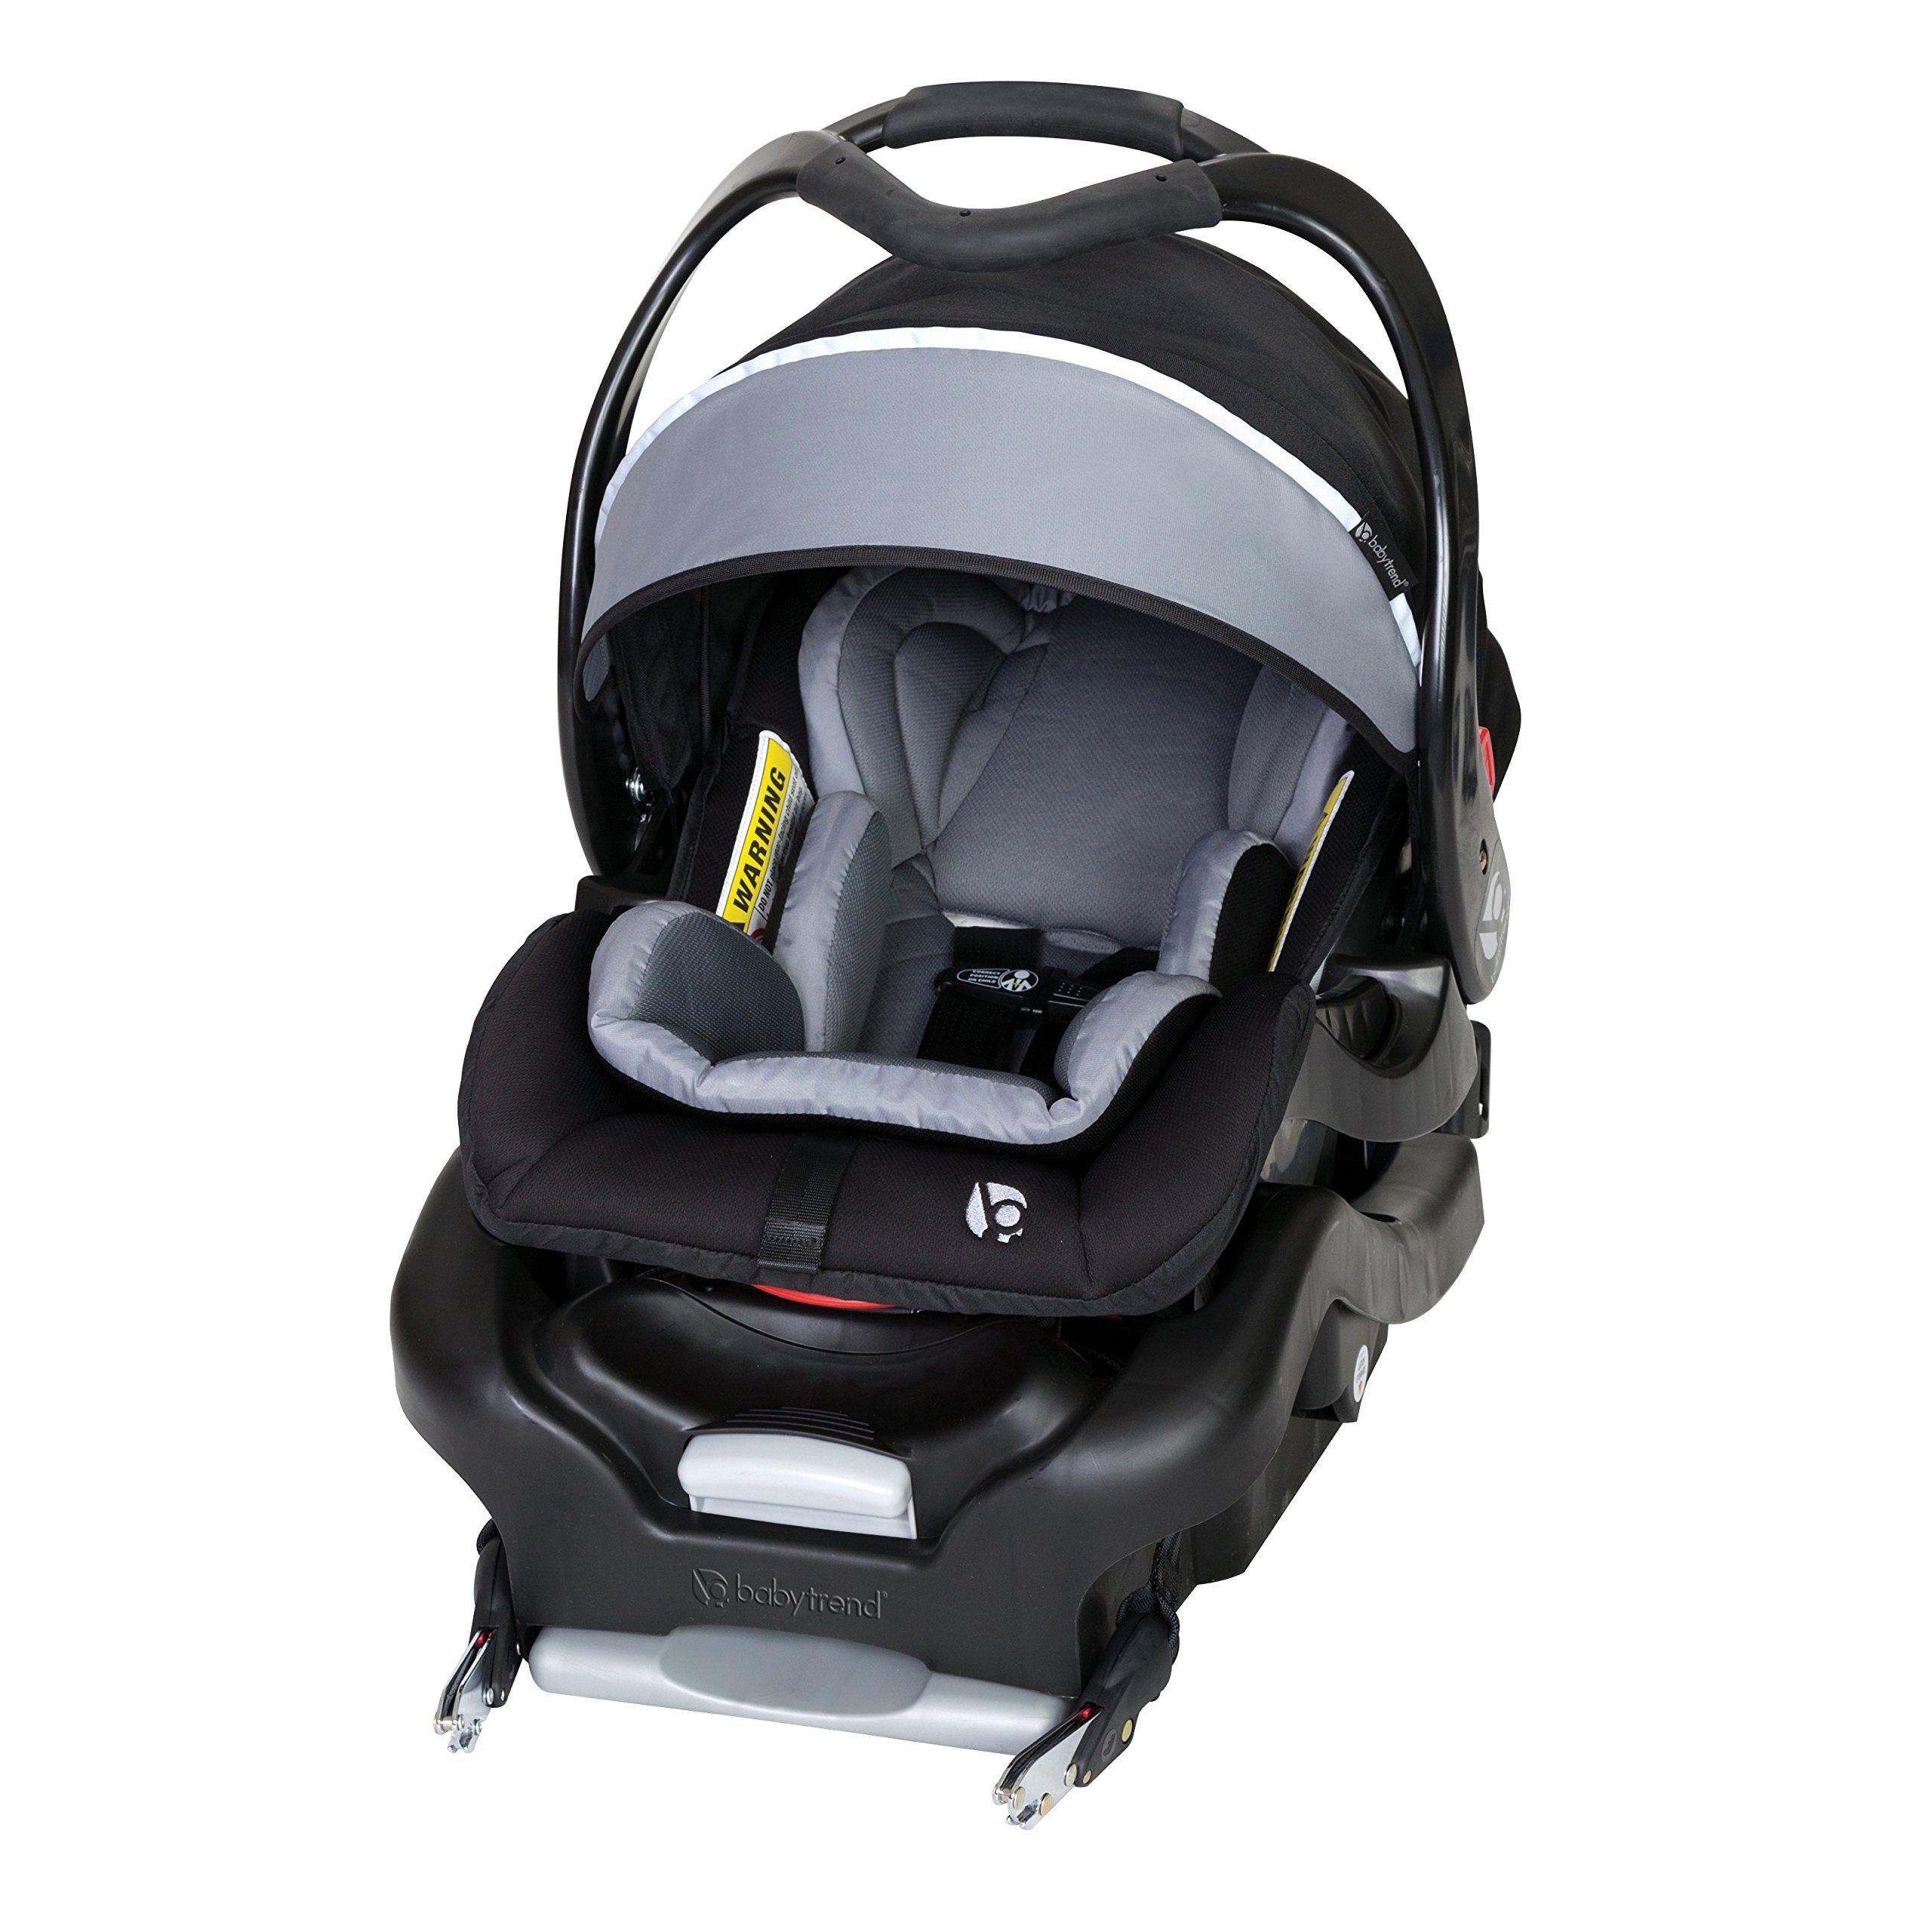 Baby Trend Secure Snap Tech 32 Infant Car Seat, Zinc